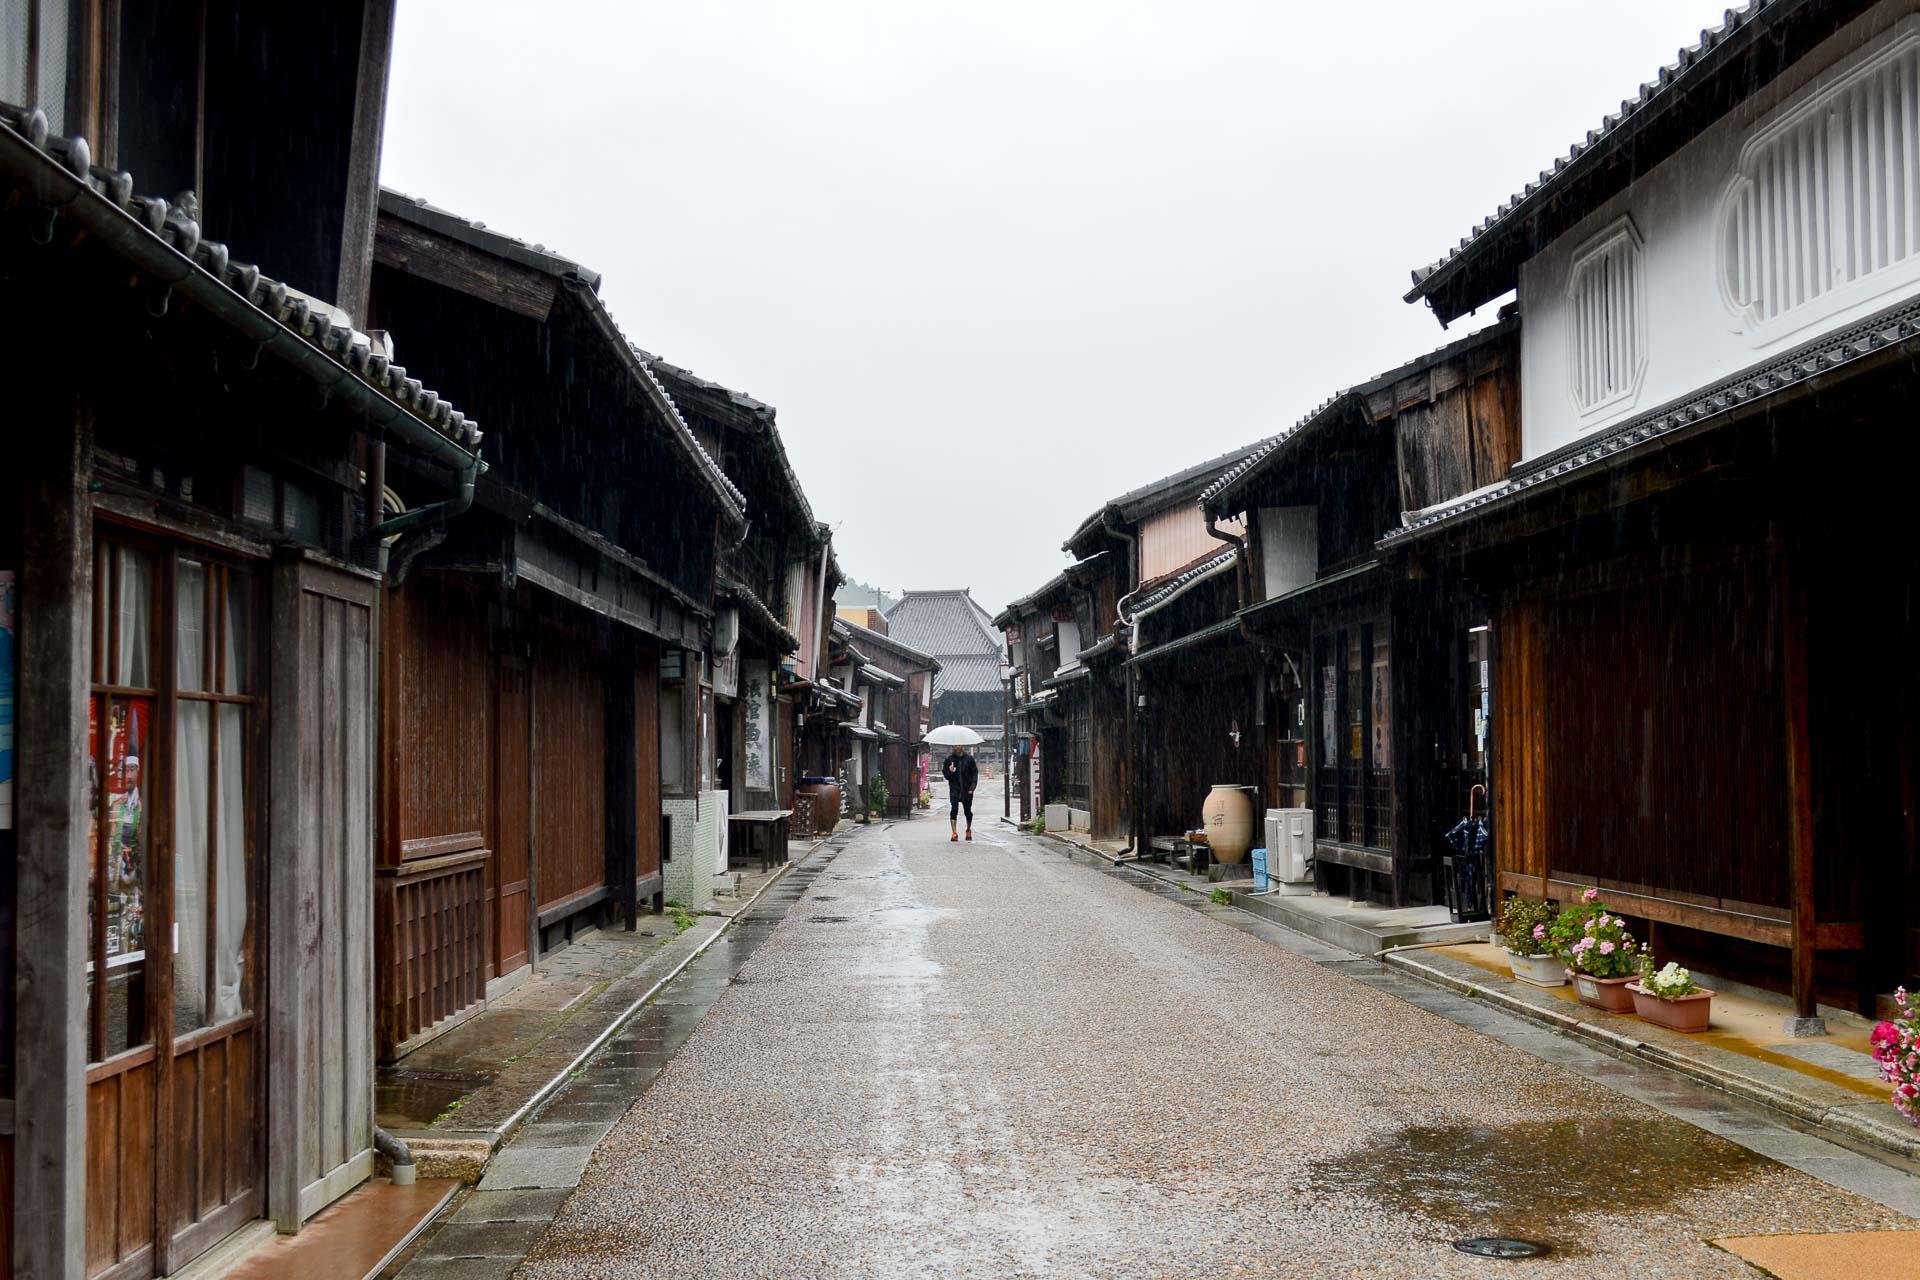 La pluie accentue les couleurs des maisons de plus de 400 ans qui bordent la rue principale.